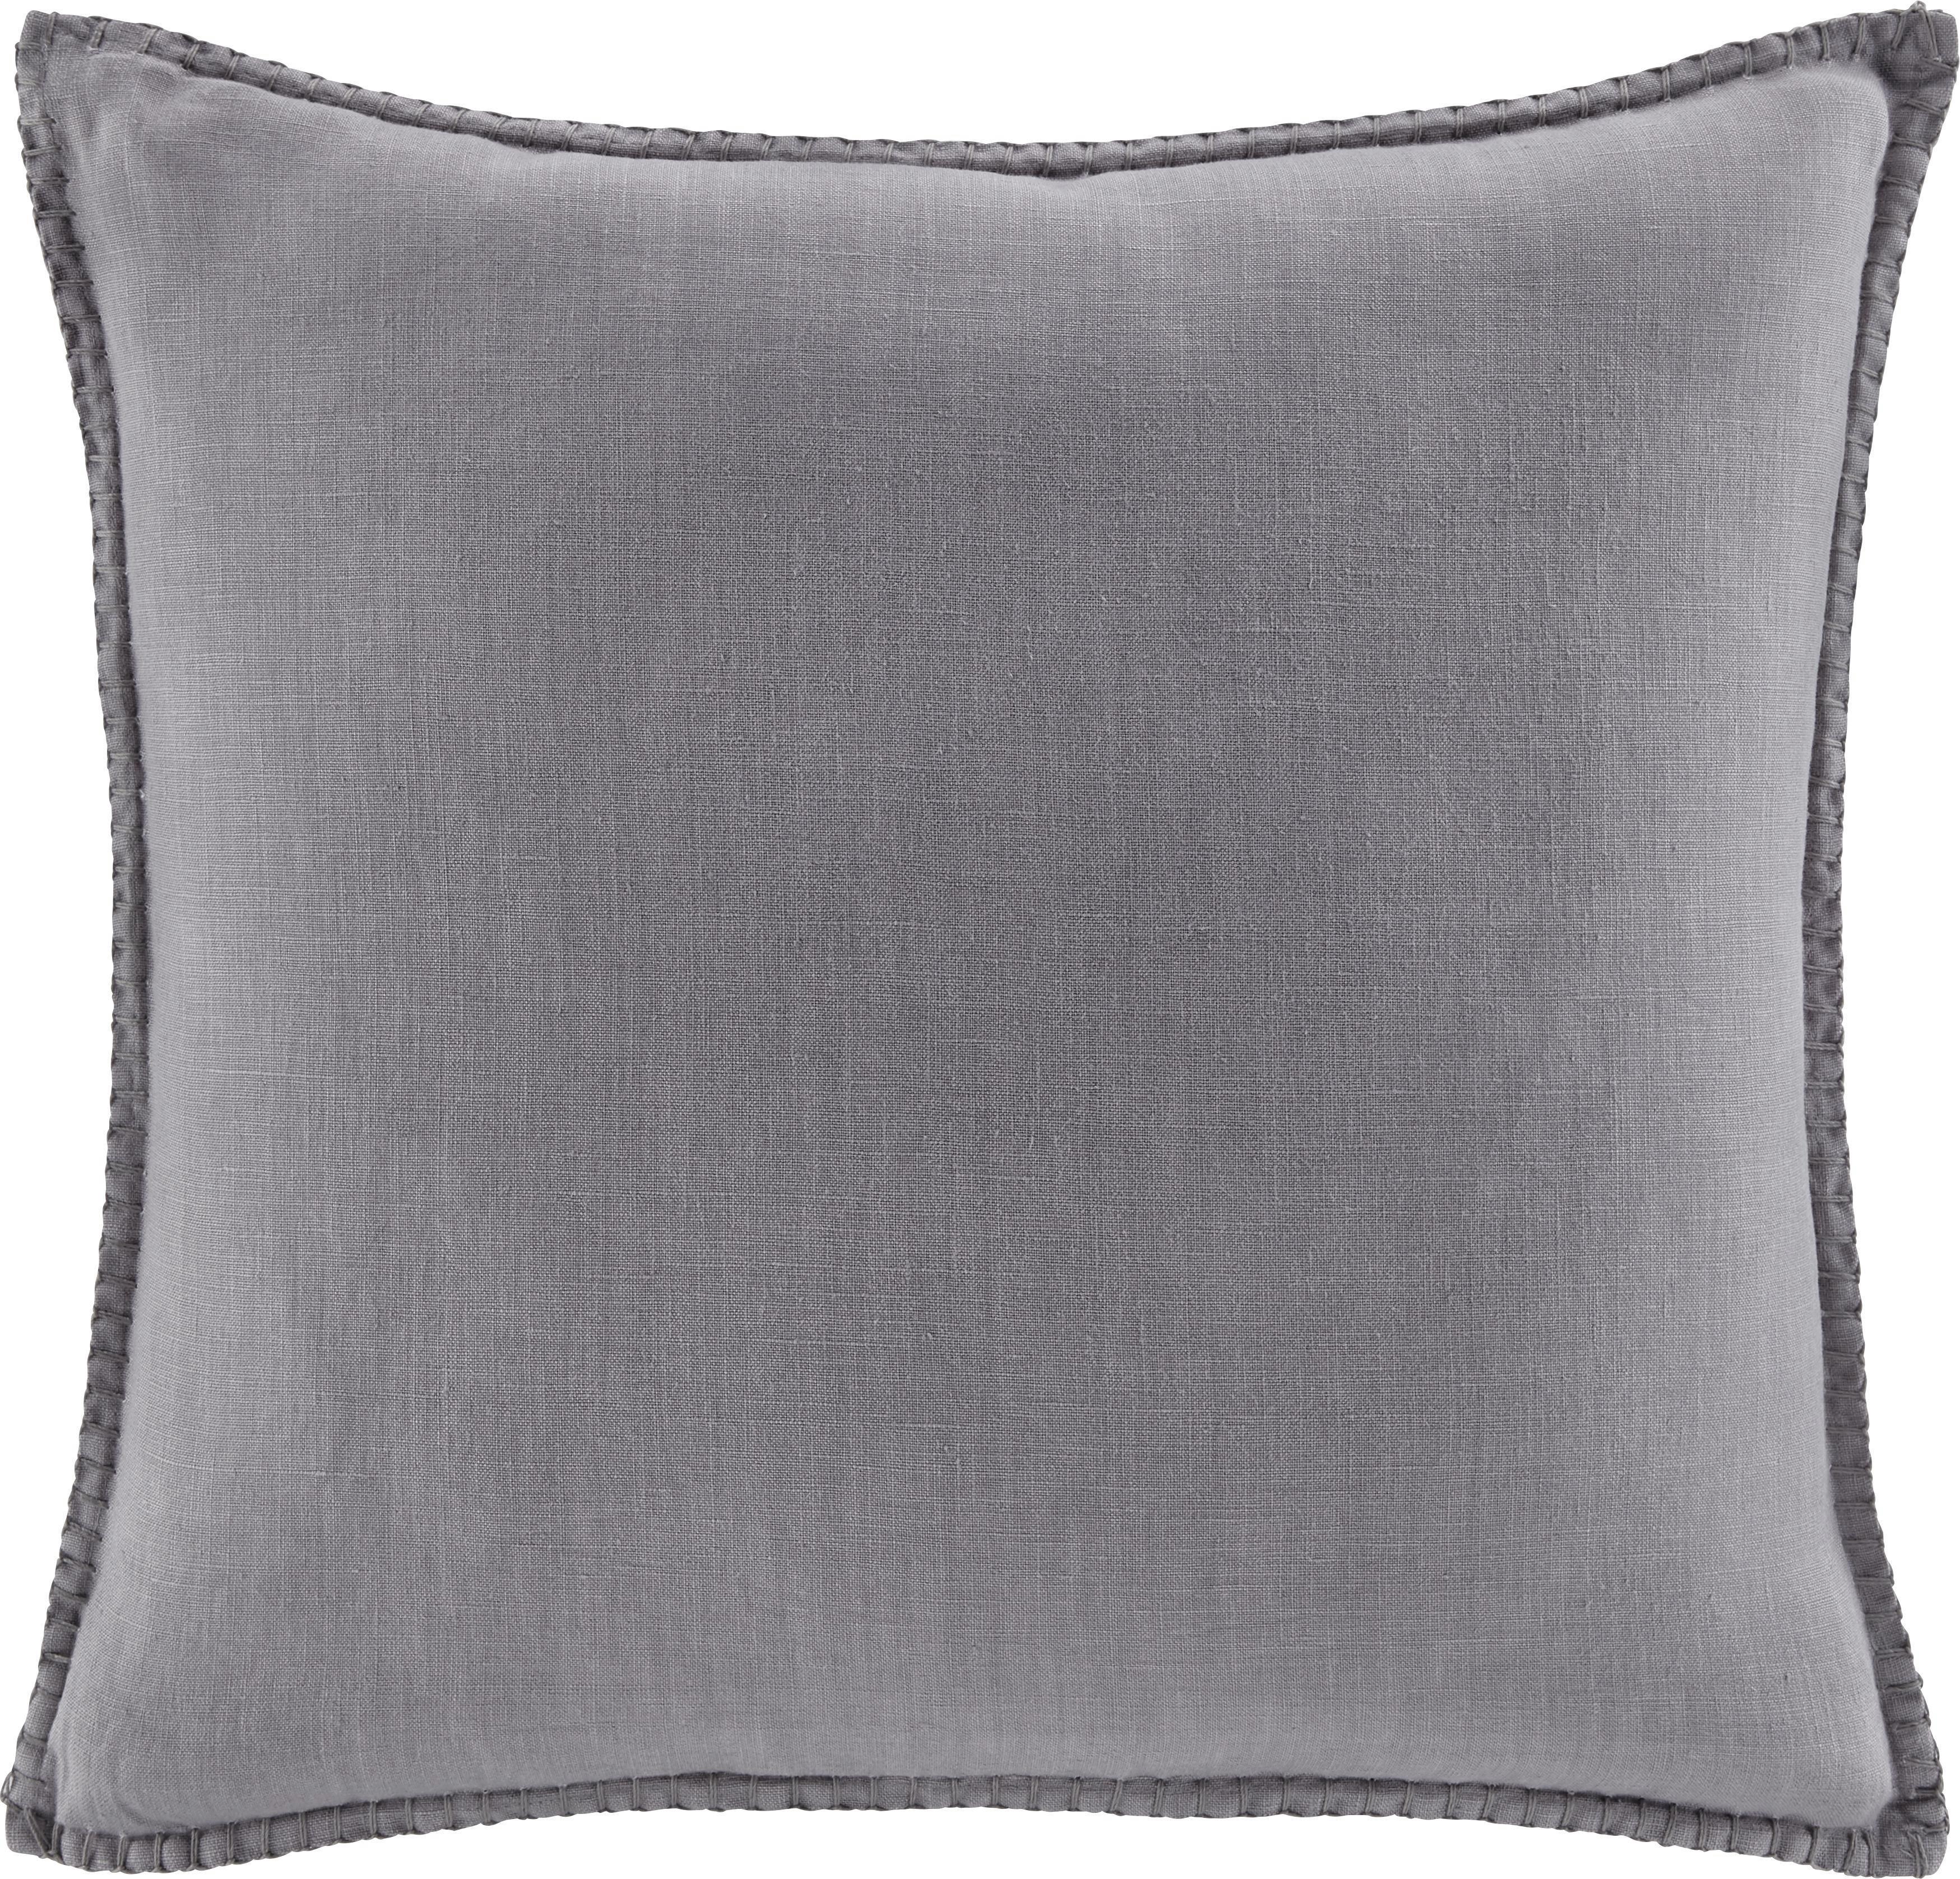 Zierkissen Lorena 45x45cm - Hellgrau, MODERN, Textil (45/45cm) - MÖMAX modern living